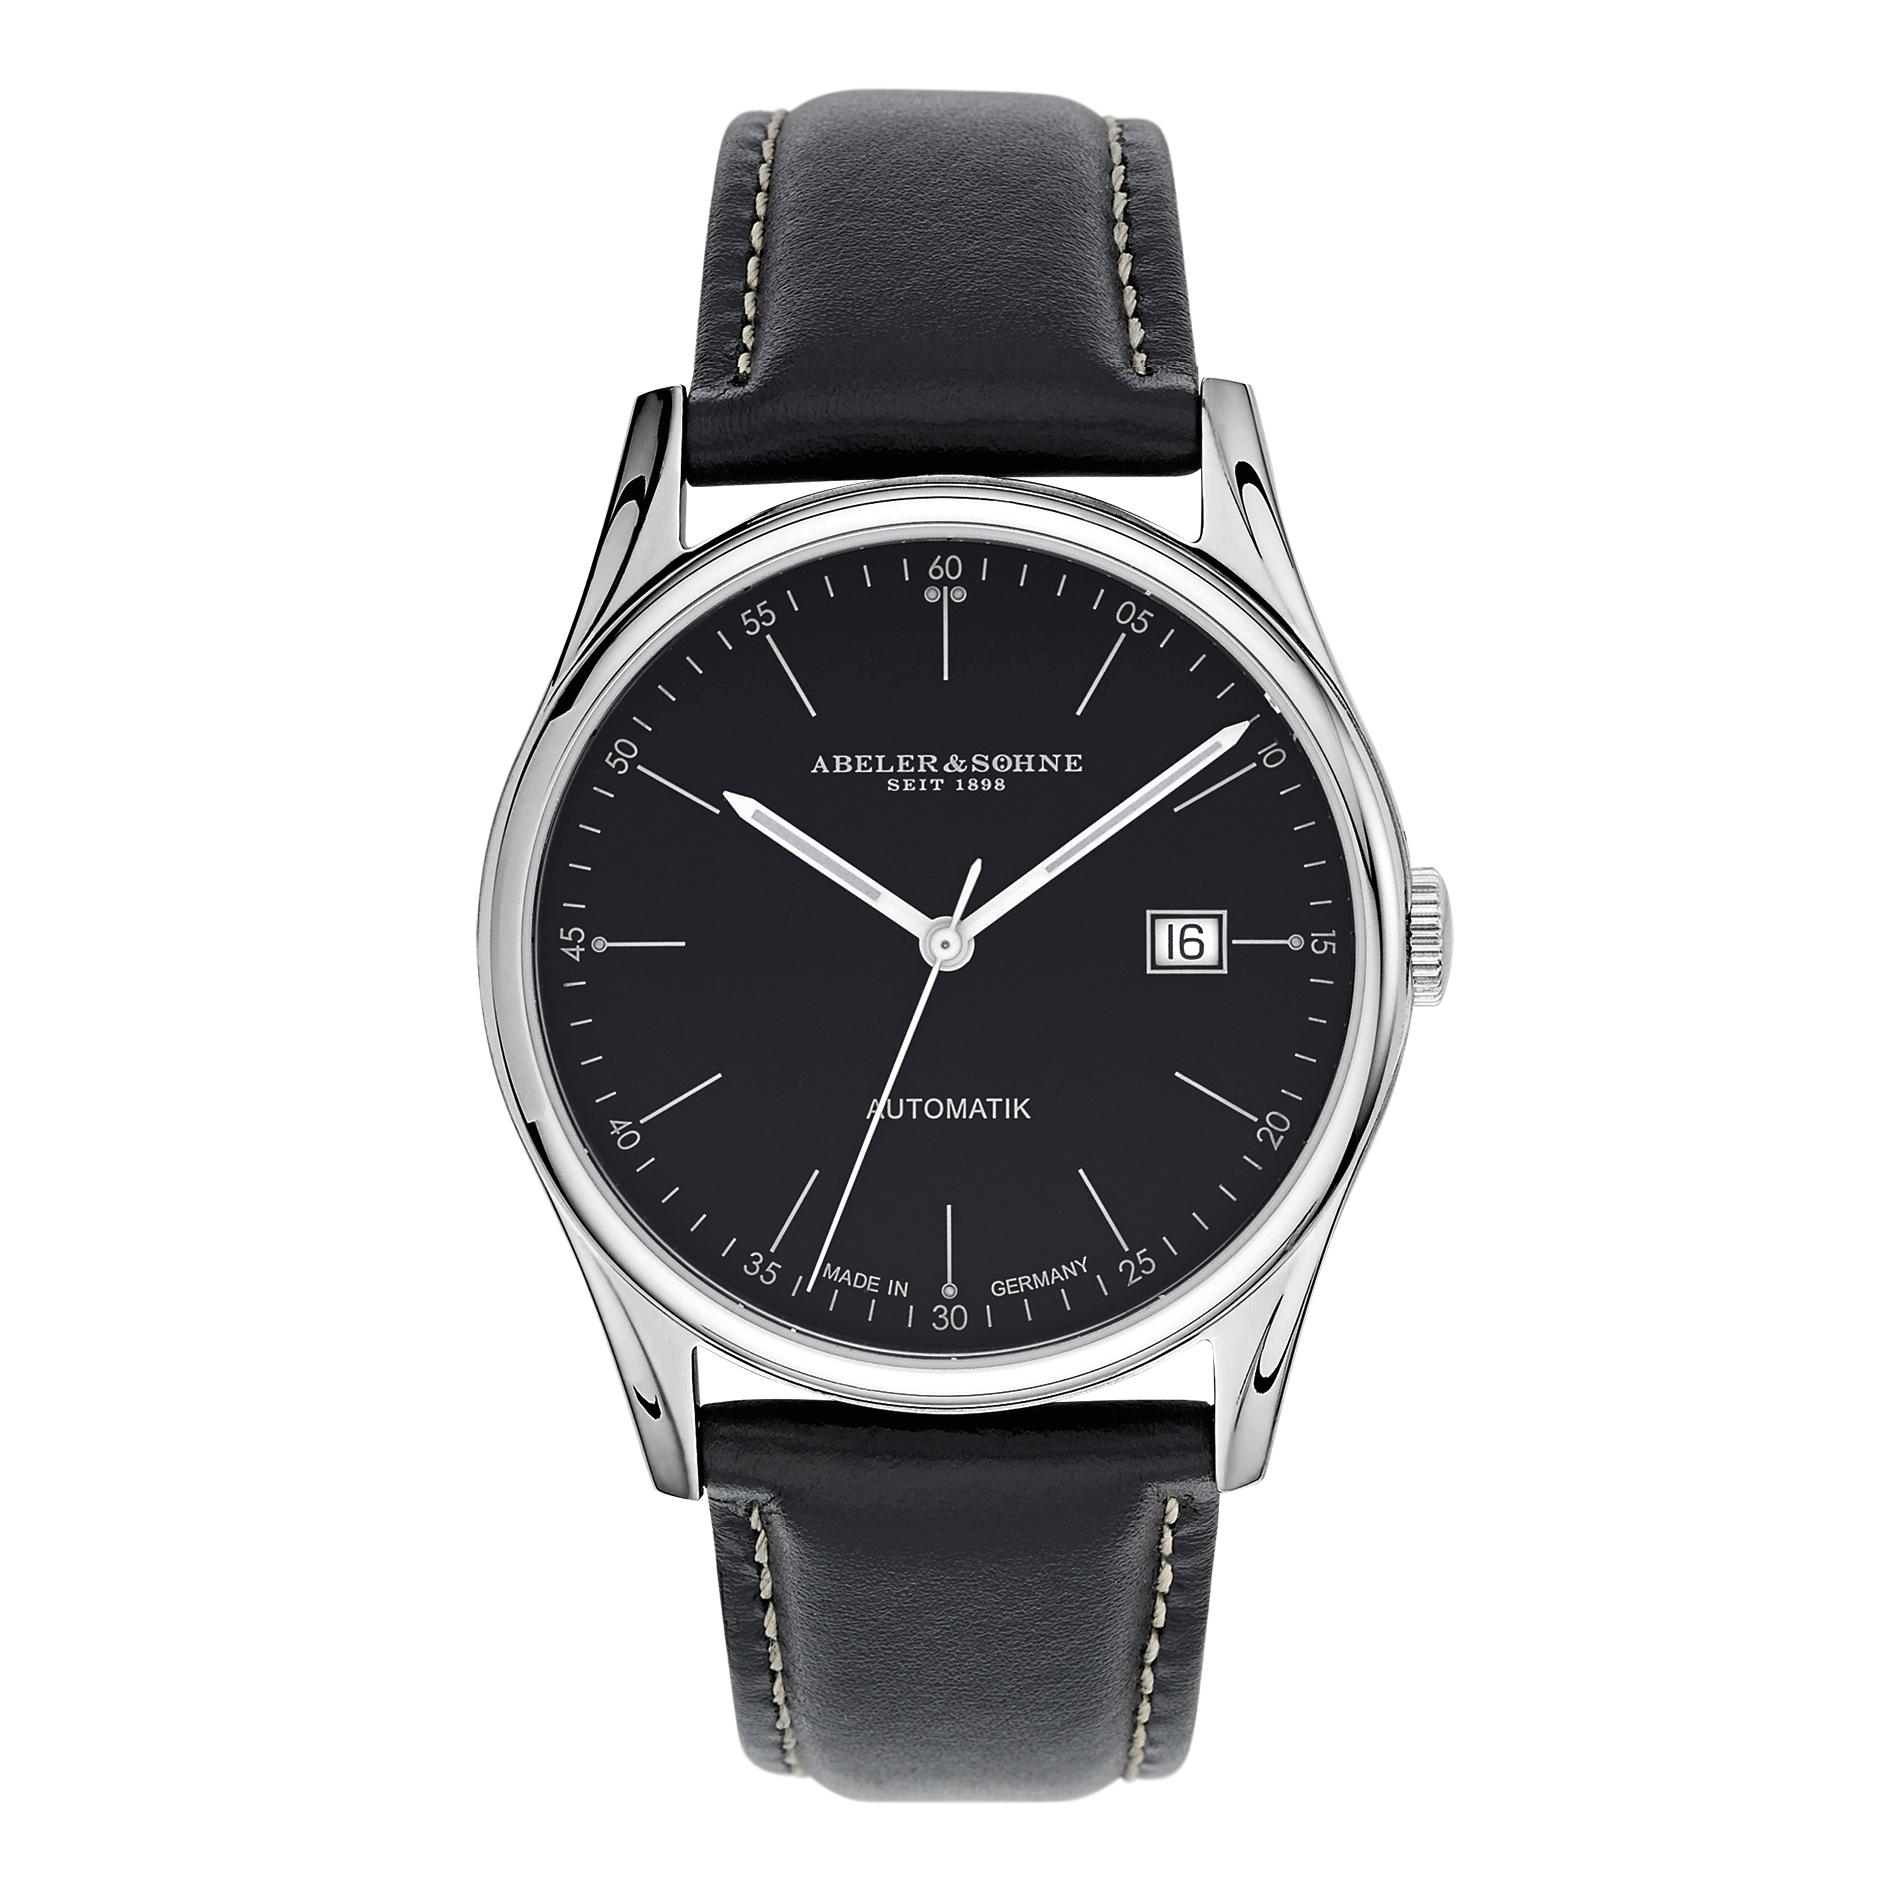 Automatik-Uhr: 1481, Preis: 504,00€